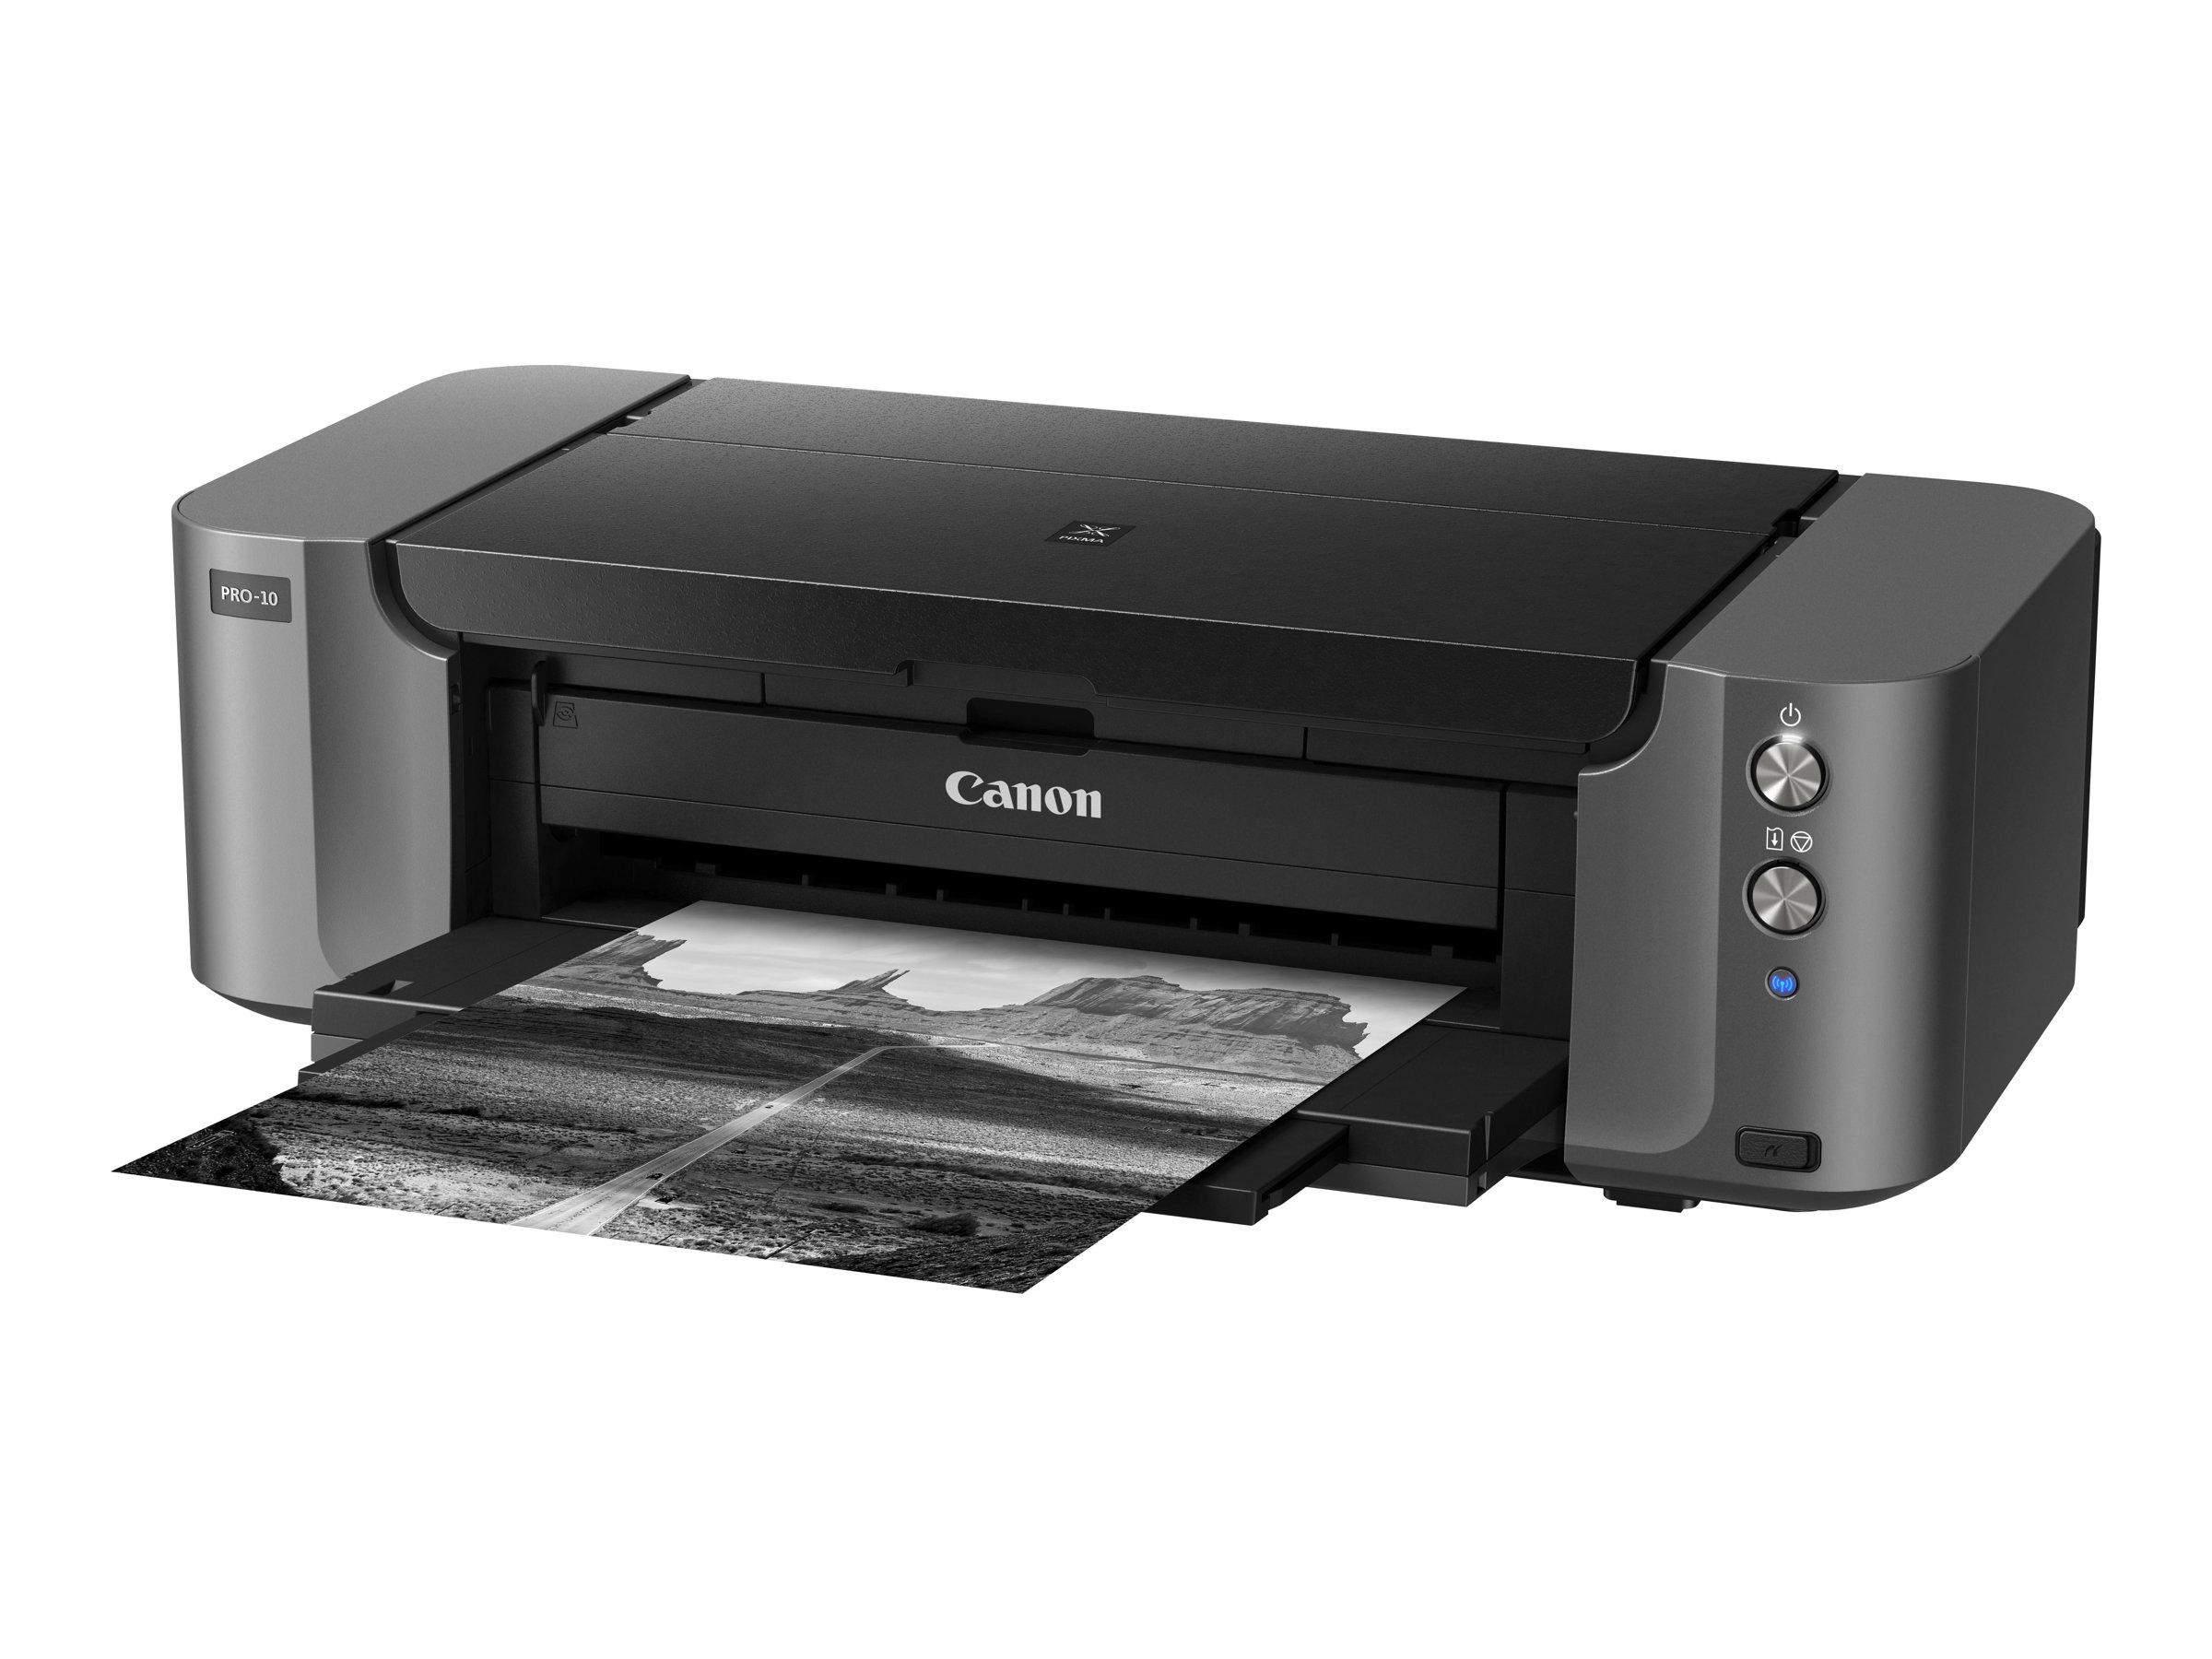 Canon PIXMA PRO-10S - Drucker - Farbe - Tintenstrahl - A3 Plus, 360 x 430 mm bis zu 3.58 Min./Seite (Farbe) - Kapazität: 150 Blä